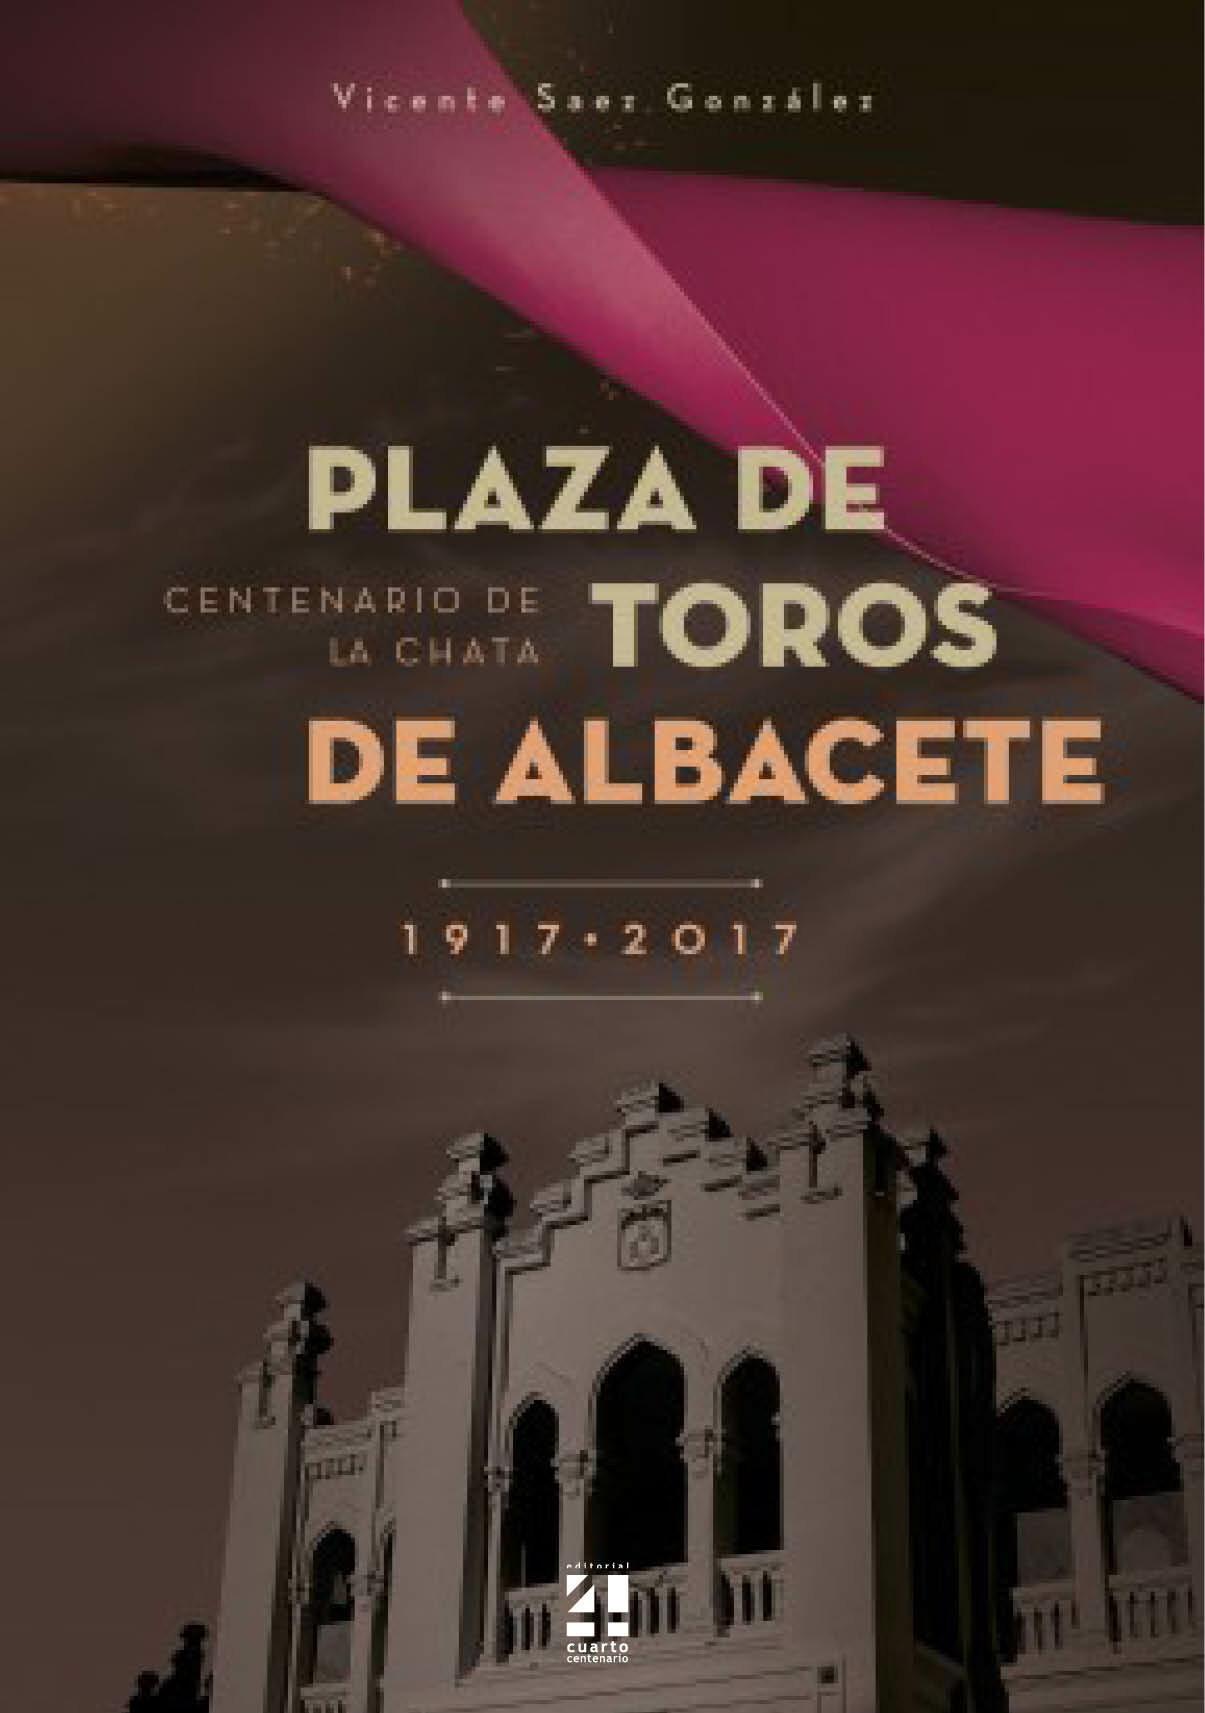 Plaza De Toros De Albacete - Saez Gonzalez Vicente